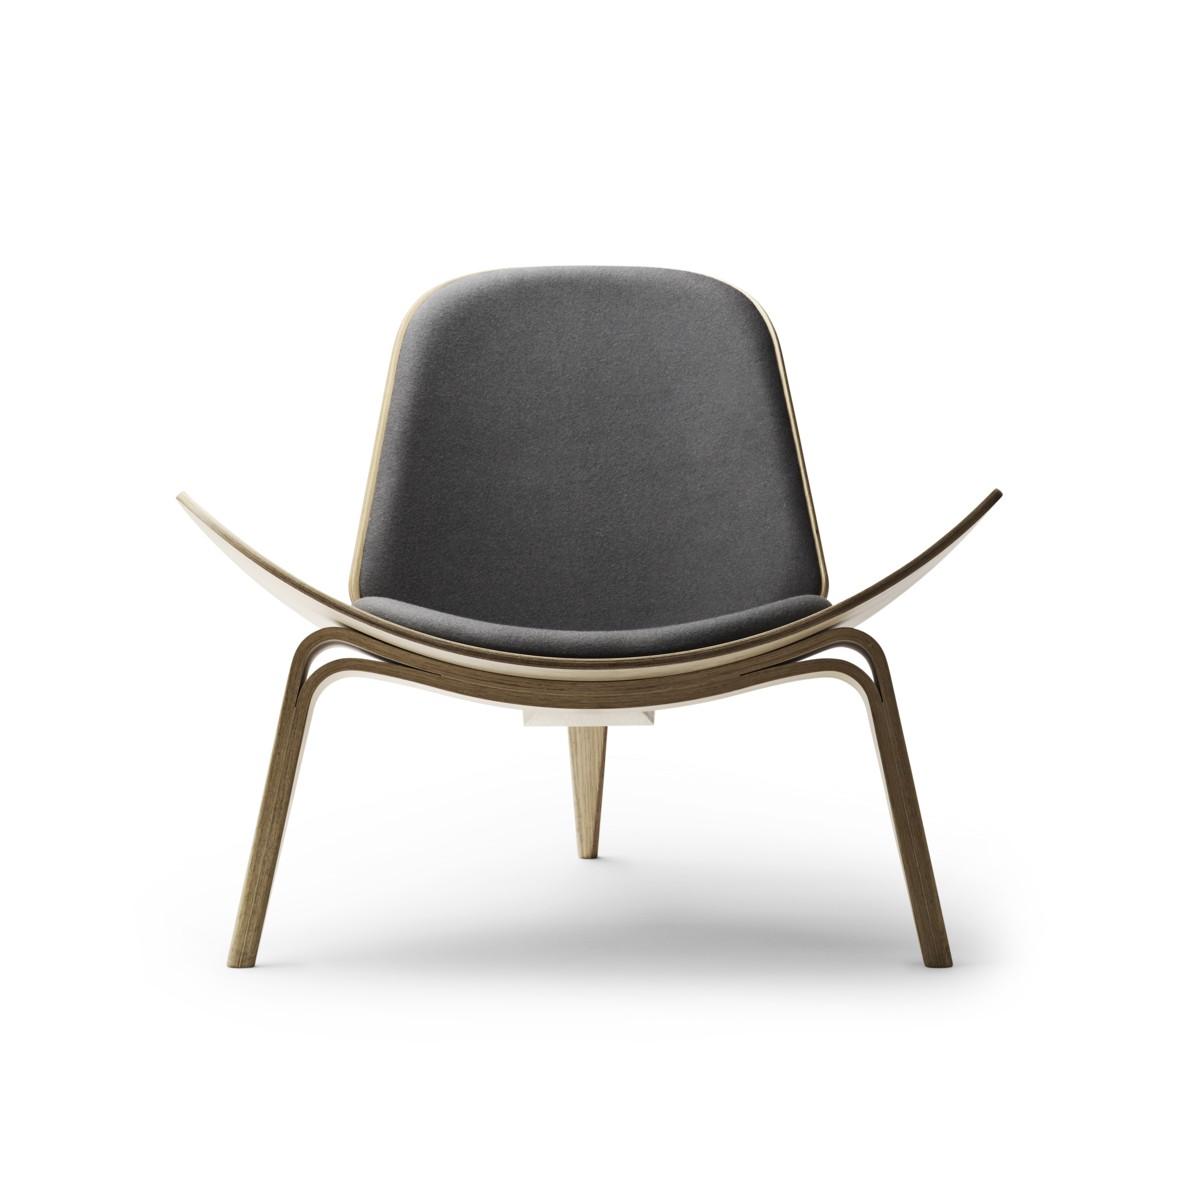 A Carl Hansen CH07 shell chair